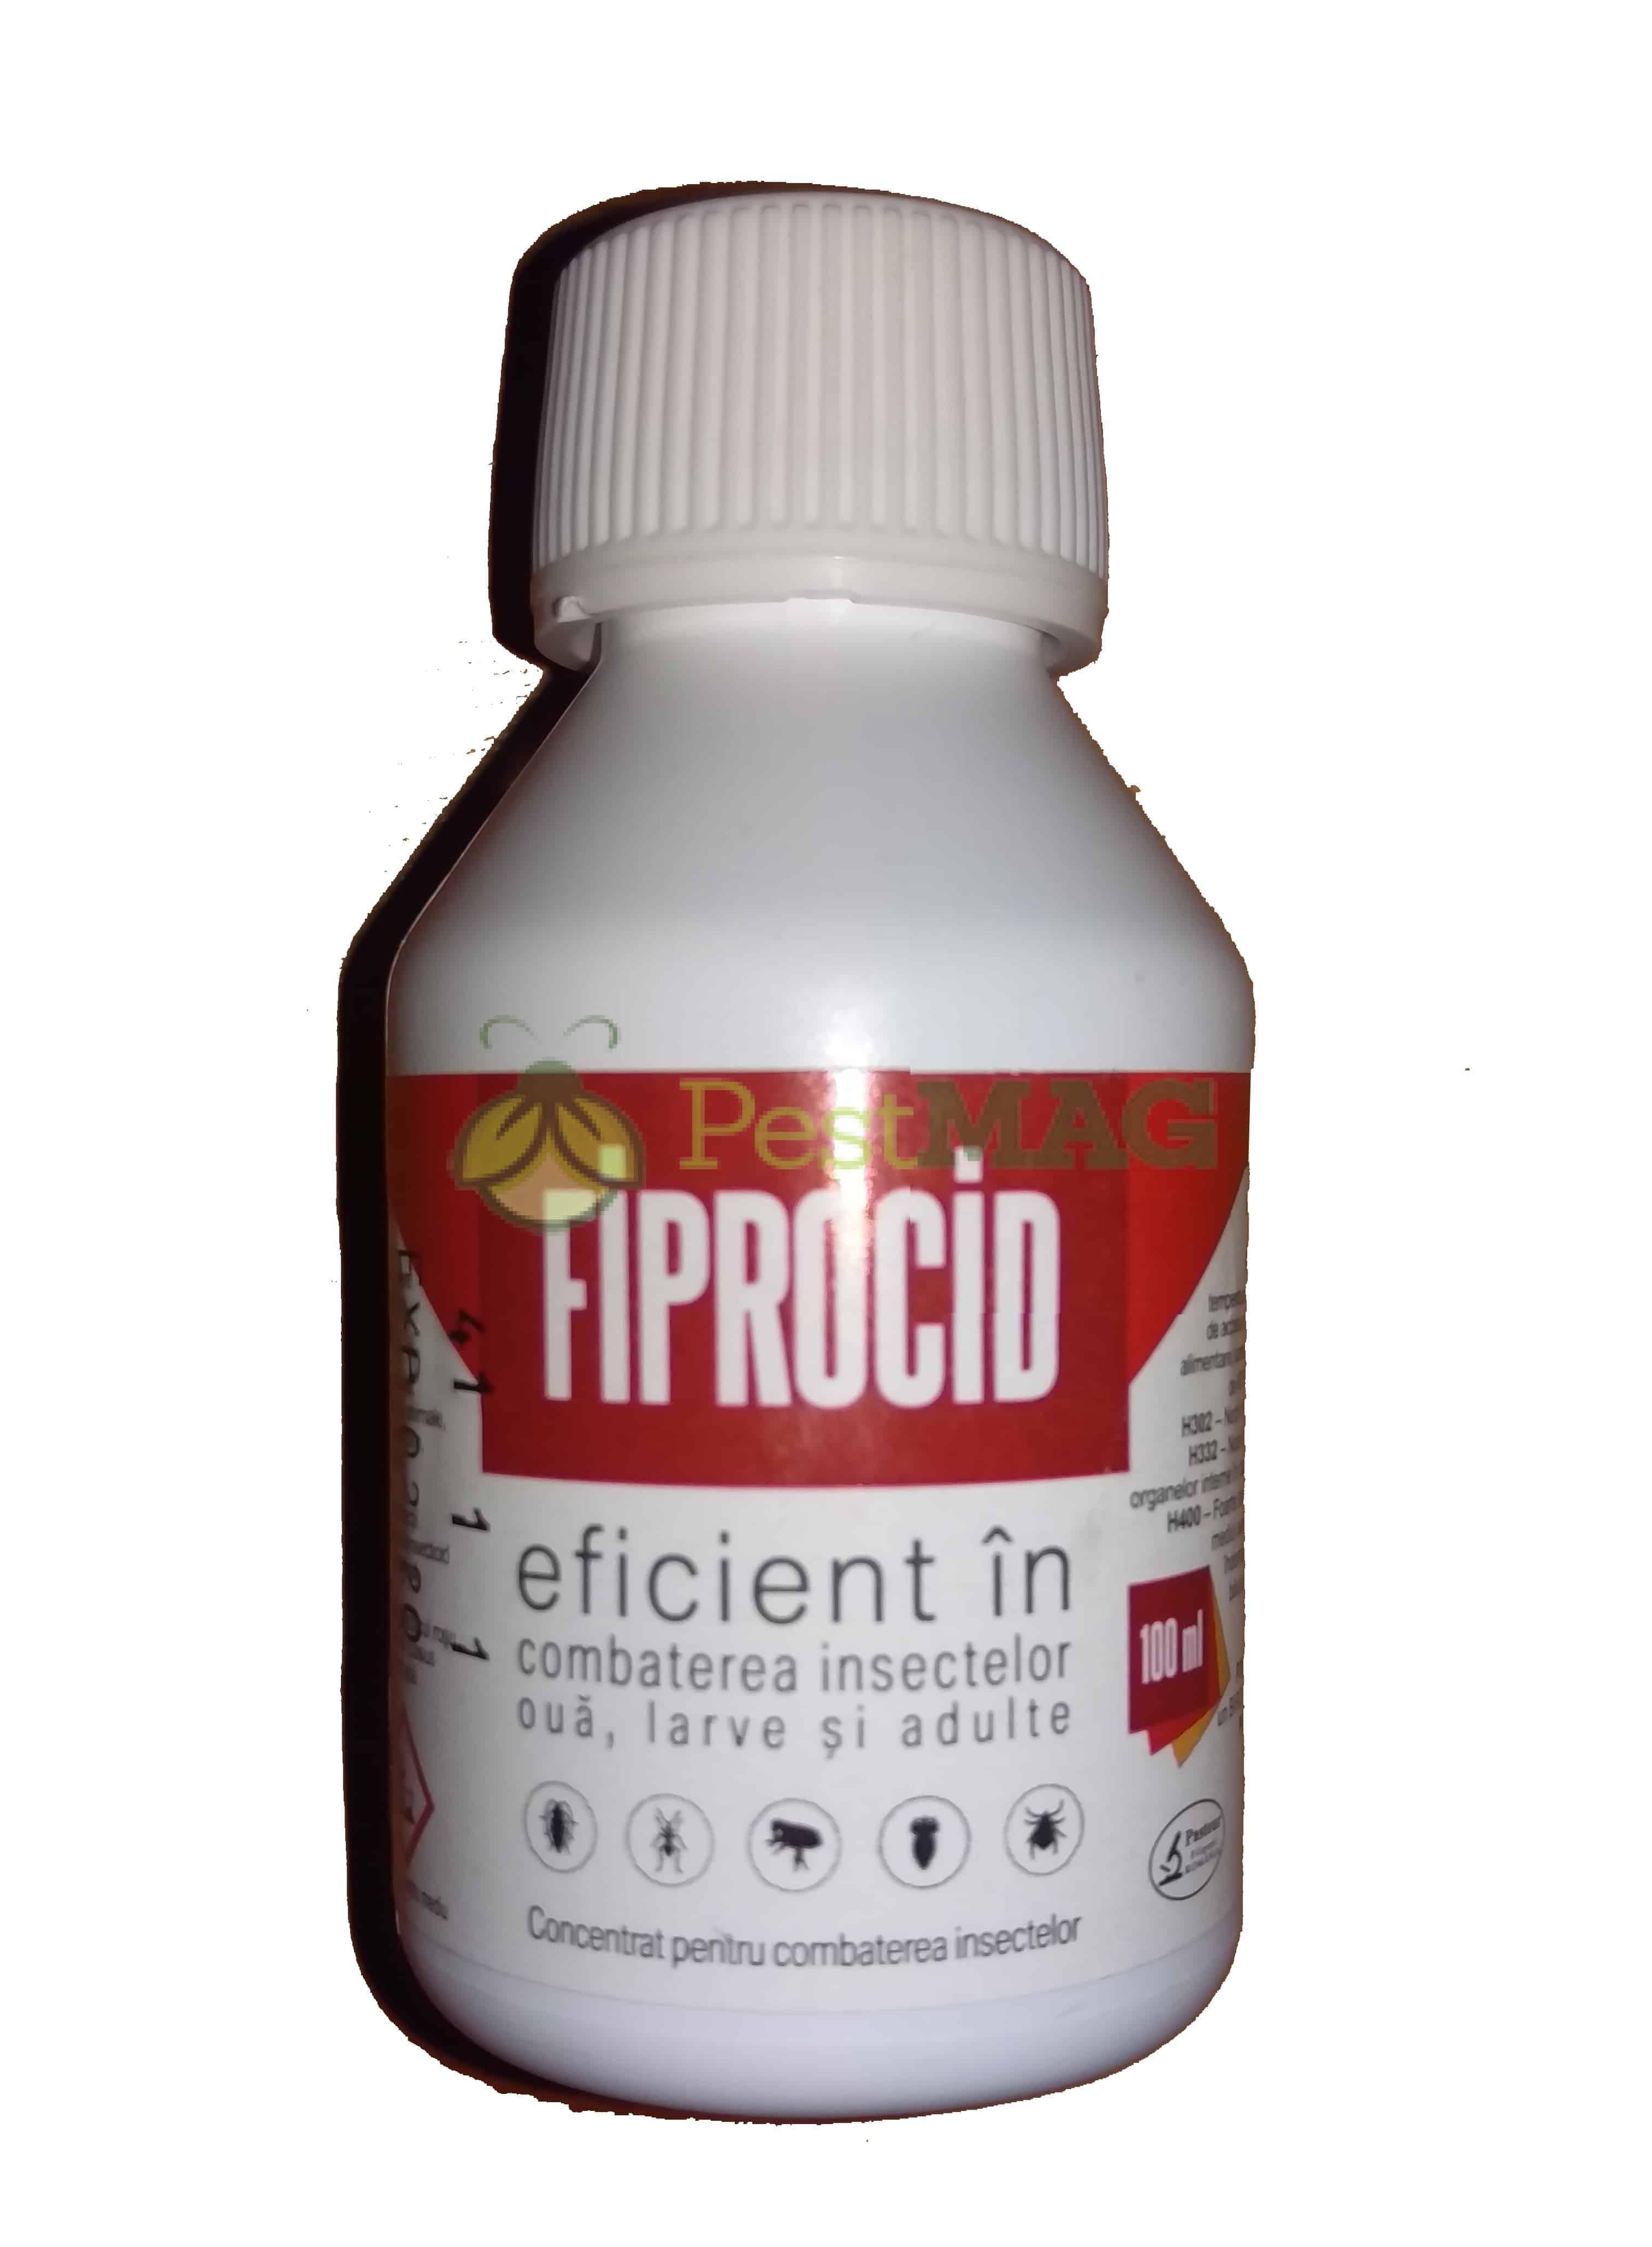 recenzii eficiente de insecticide hpv vaksine amming